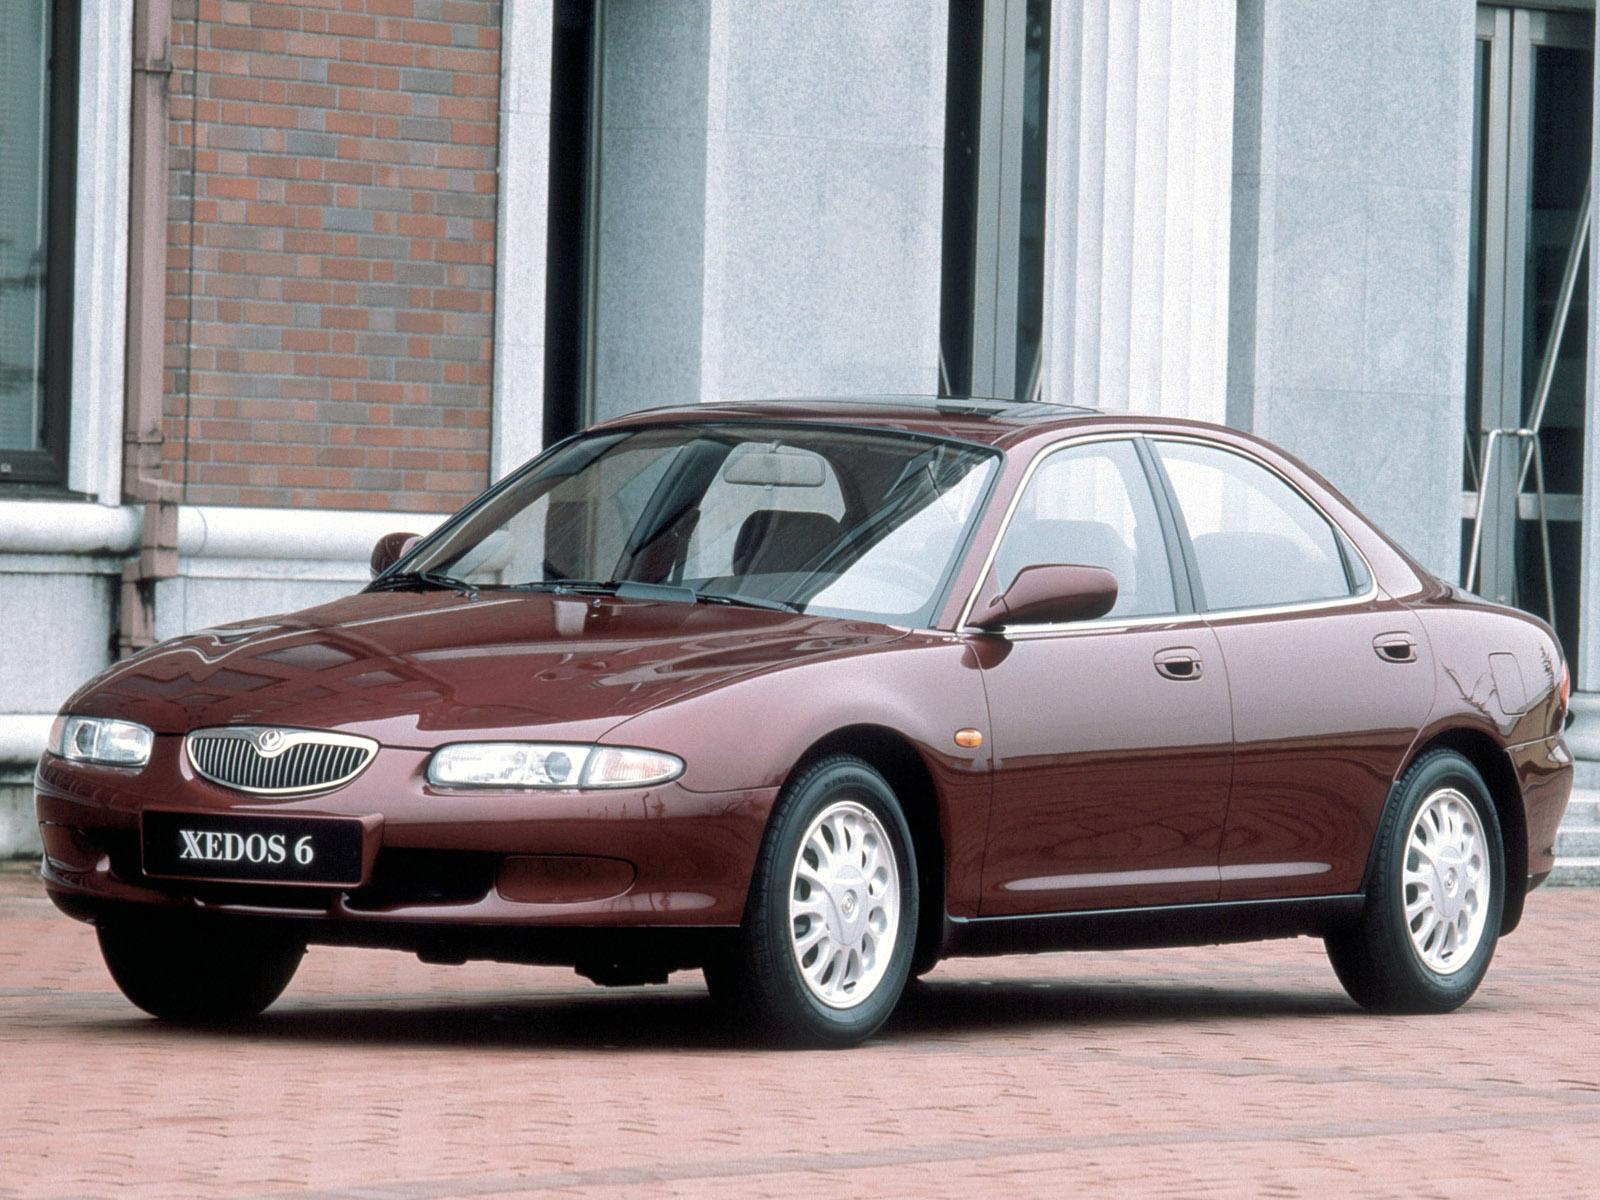 Mazda Xedos 6 1992 - 1999 Sedan #7